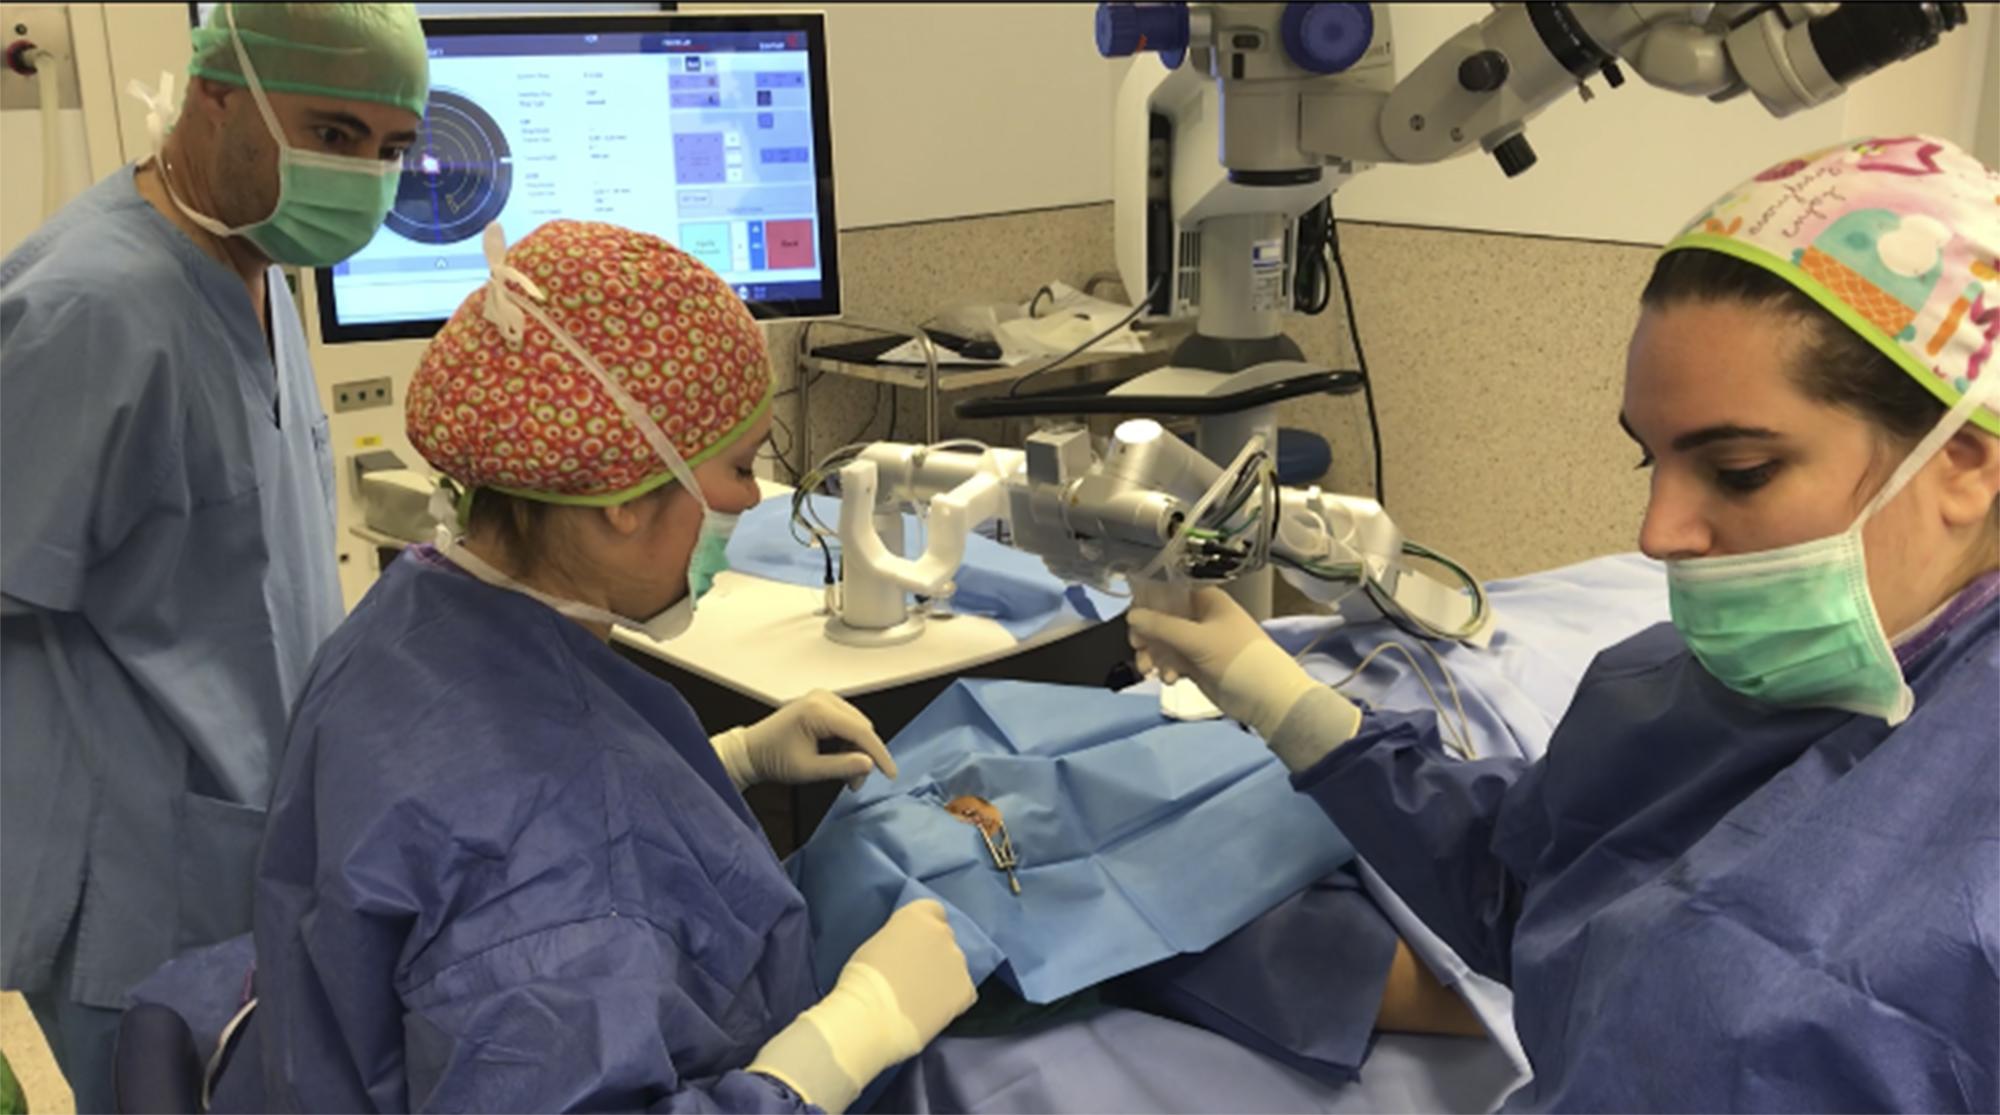 La cirugía de anillos intracorneales llevada a cabo por el equipo de oftalmólogos del Hospital de Manises consiste en una intervención ambulatoria que se realiza mediante láser.